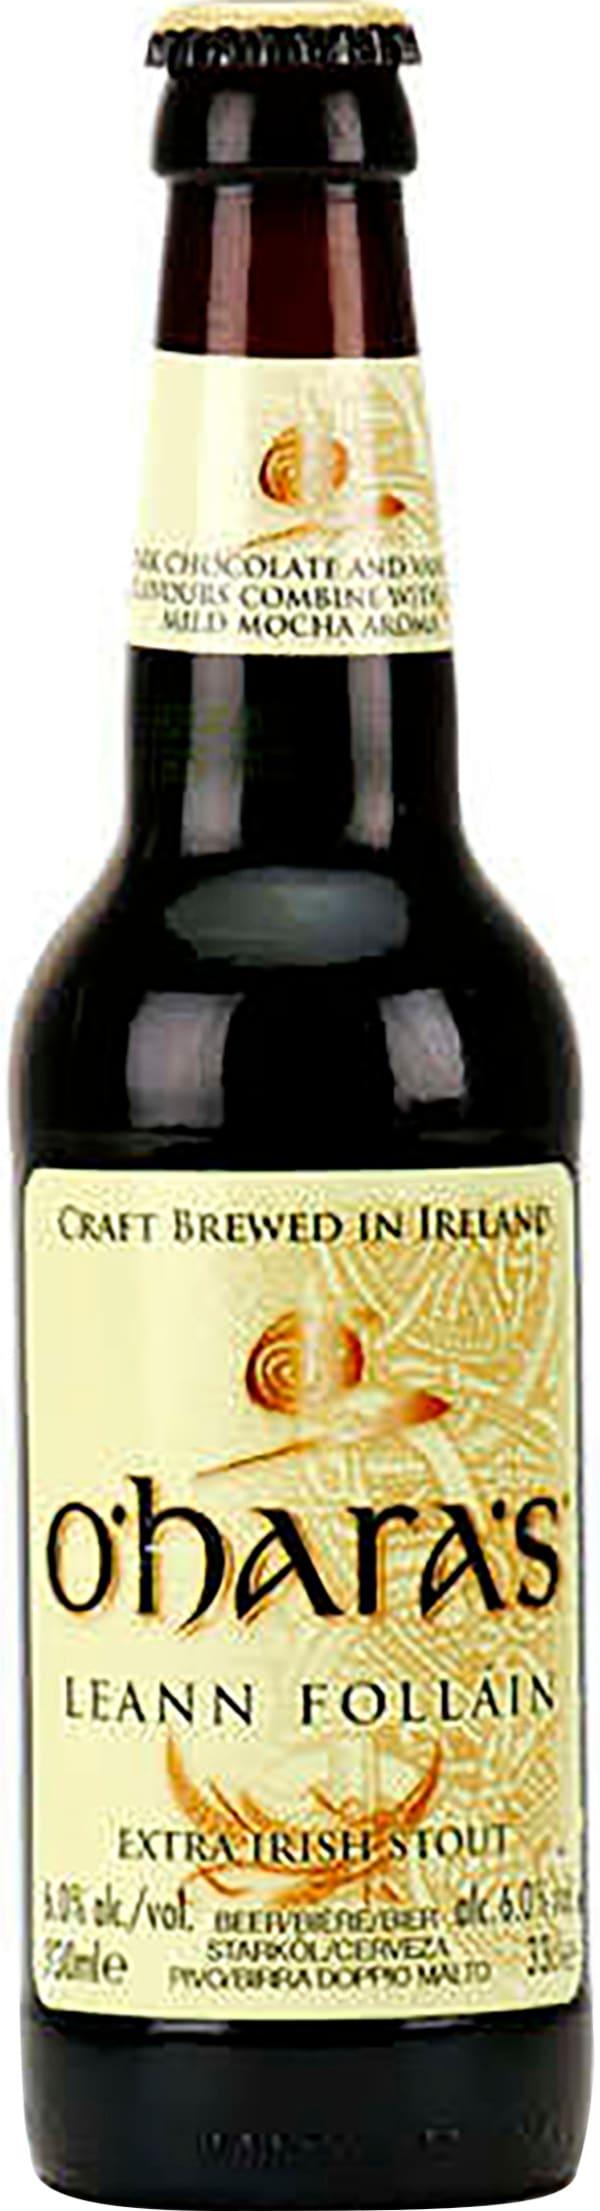 O'Hara's Leann Follàin Extra Irish Stout